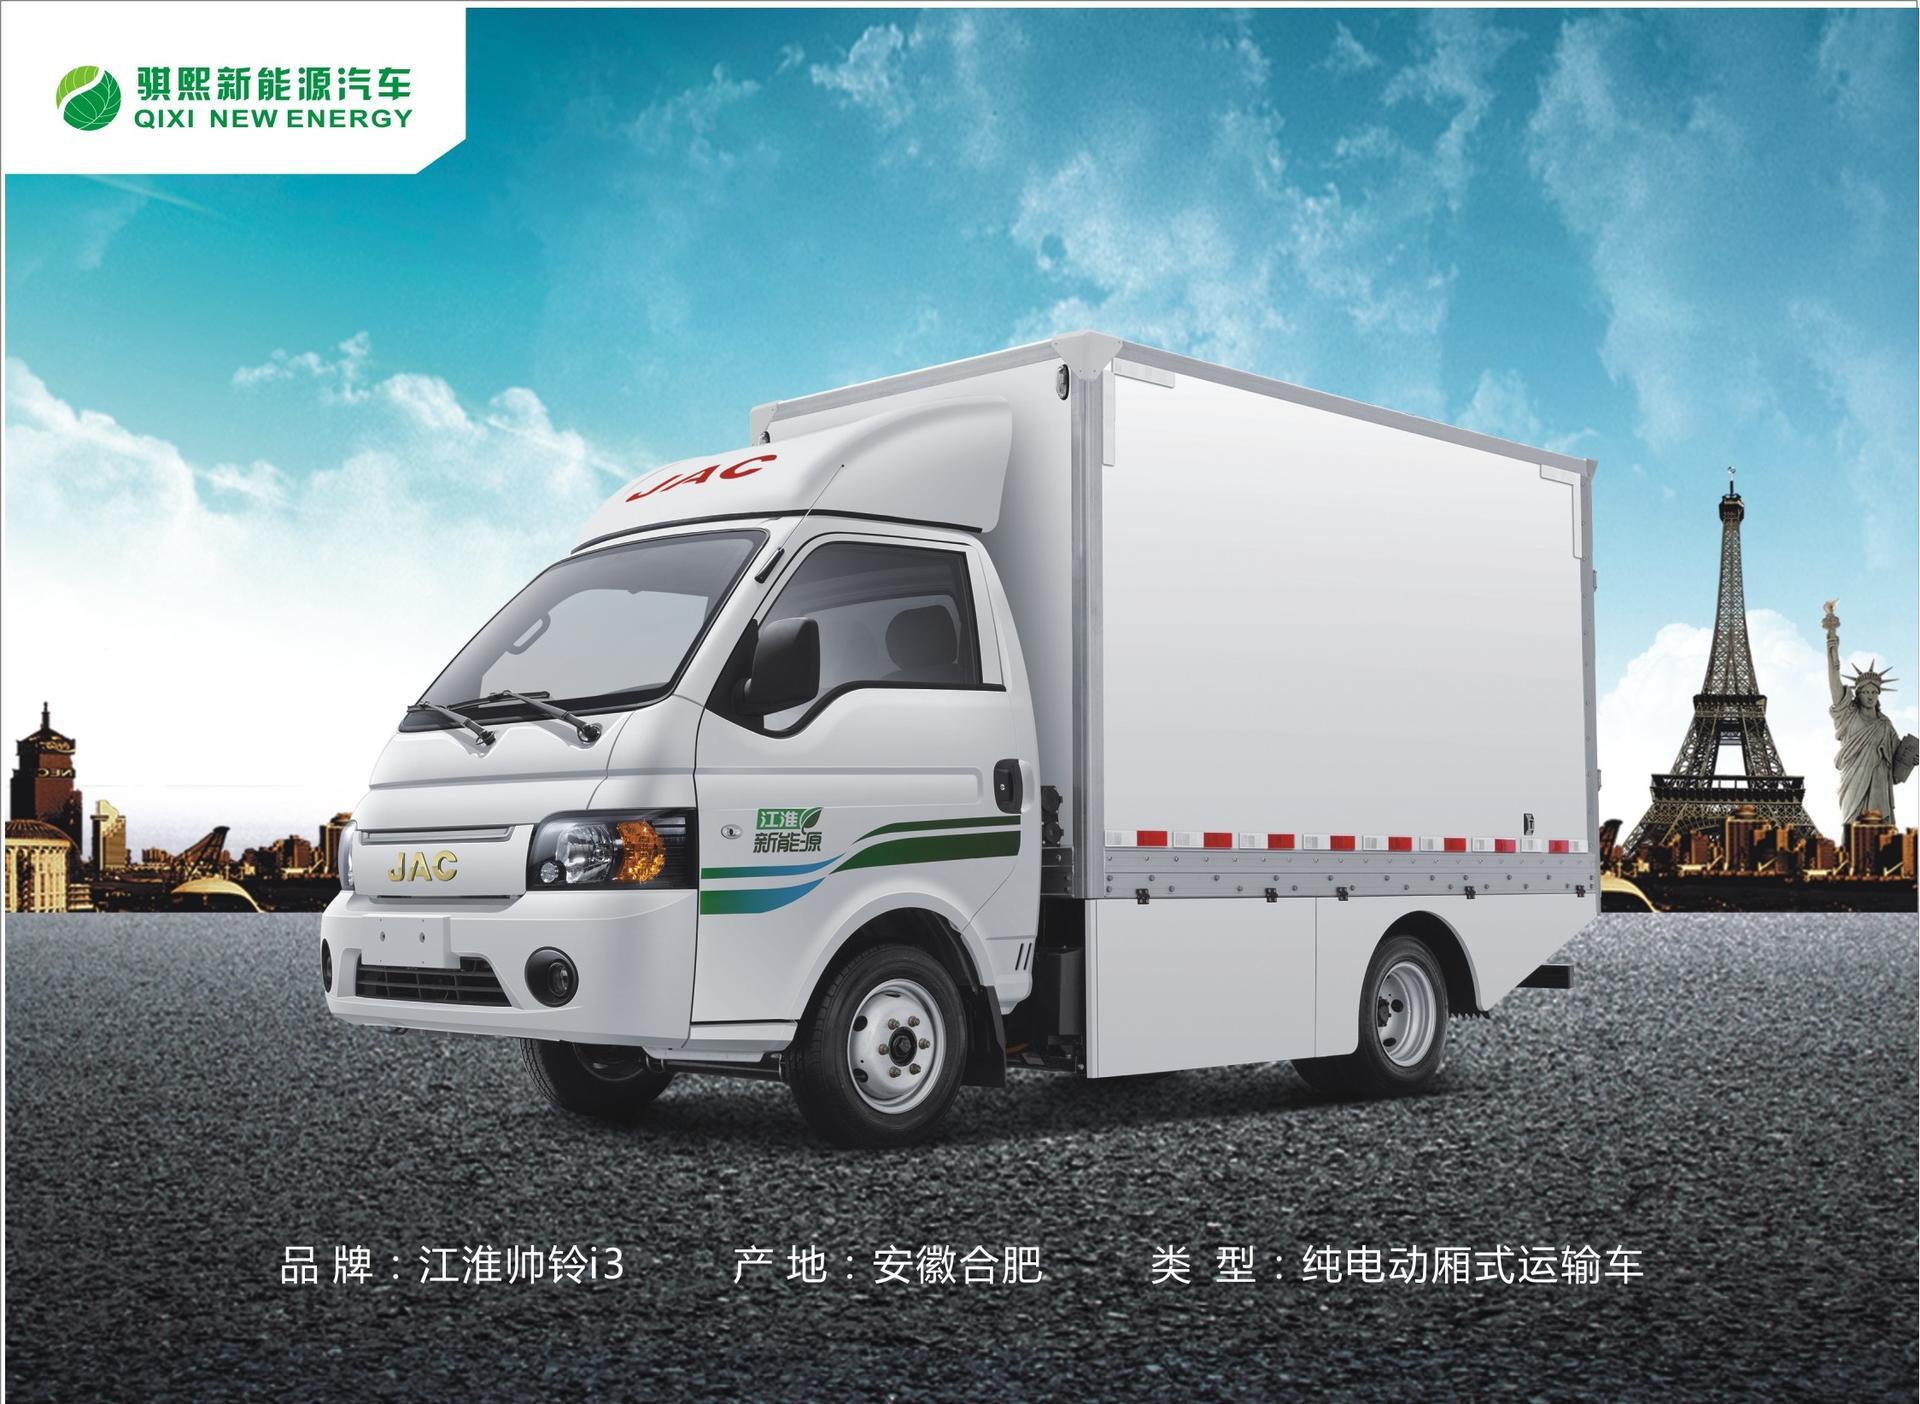 江淮i3 - 正面.jpg